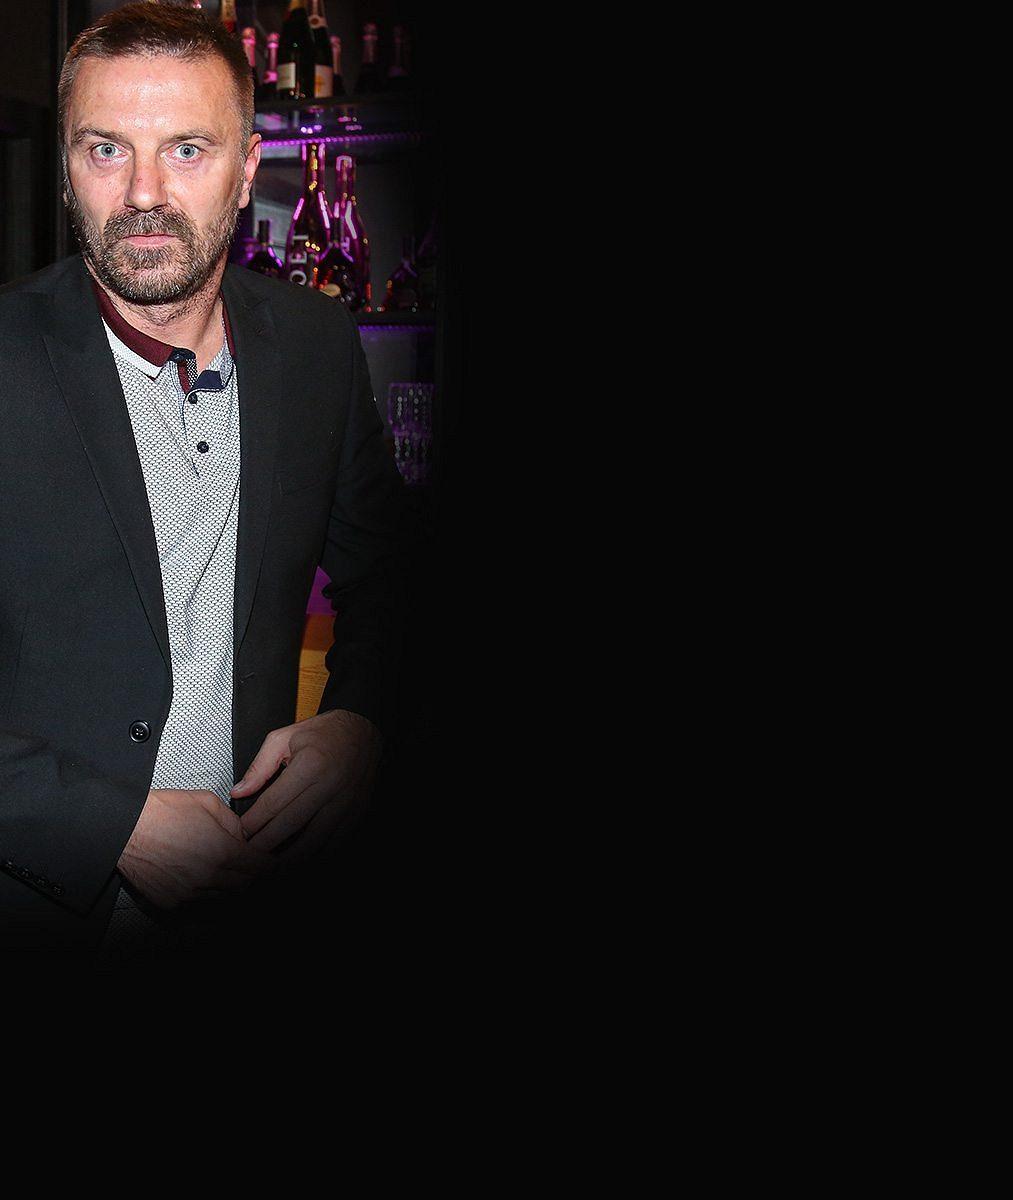 VIDEO: Konec svobody na 2,5roku. Tomáš Řepka nastoupil trest. Zdechneš tady, křičeli vězni